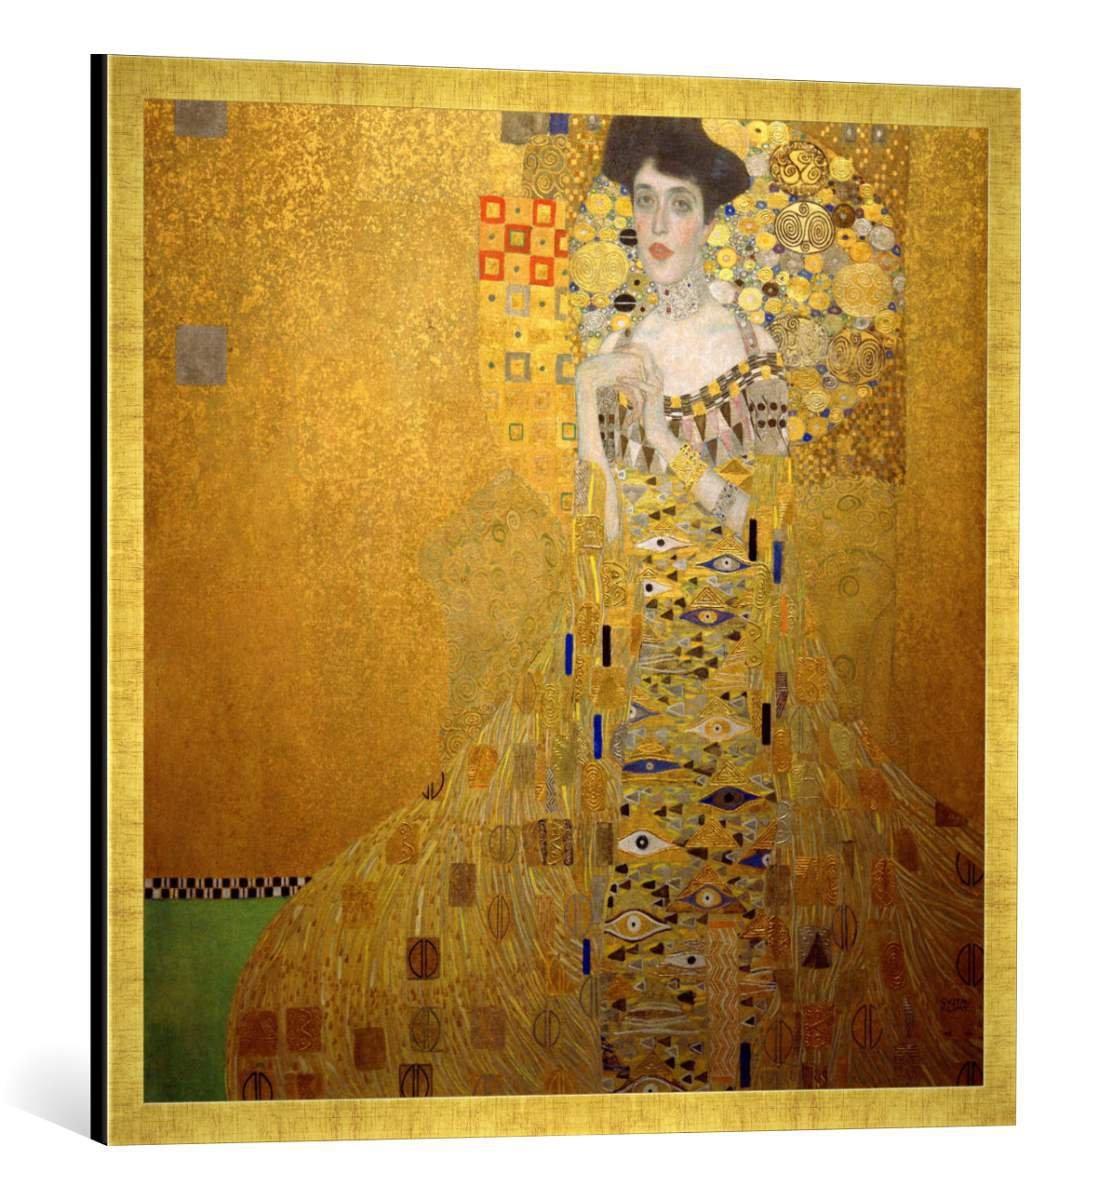 Amazon.de: Gerahmtes Bild von Gustav Klimt Bildnis Adele Bloch-Bauer ...